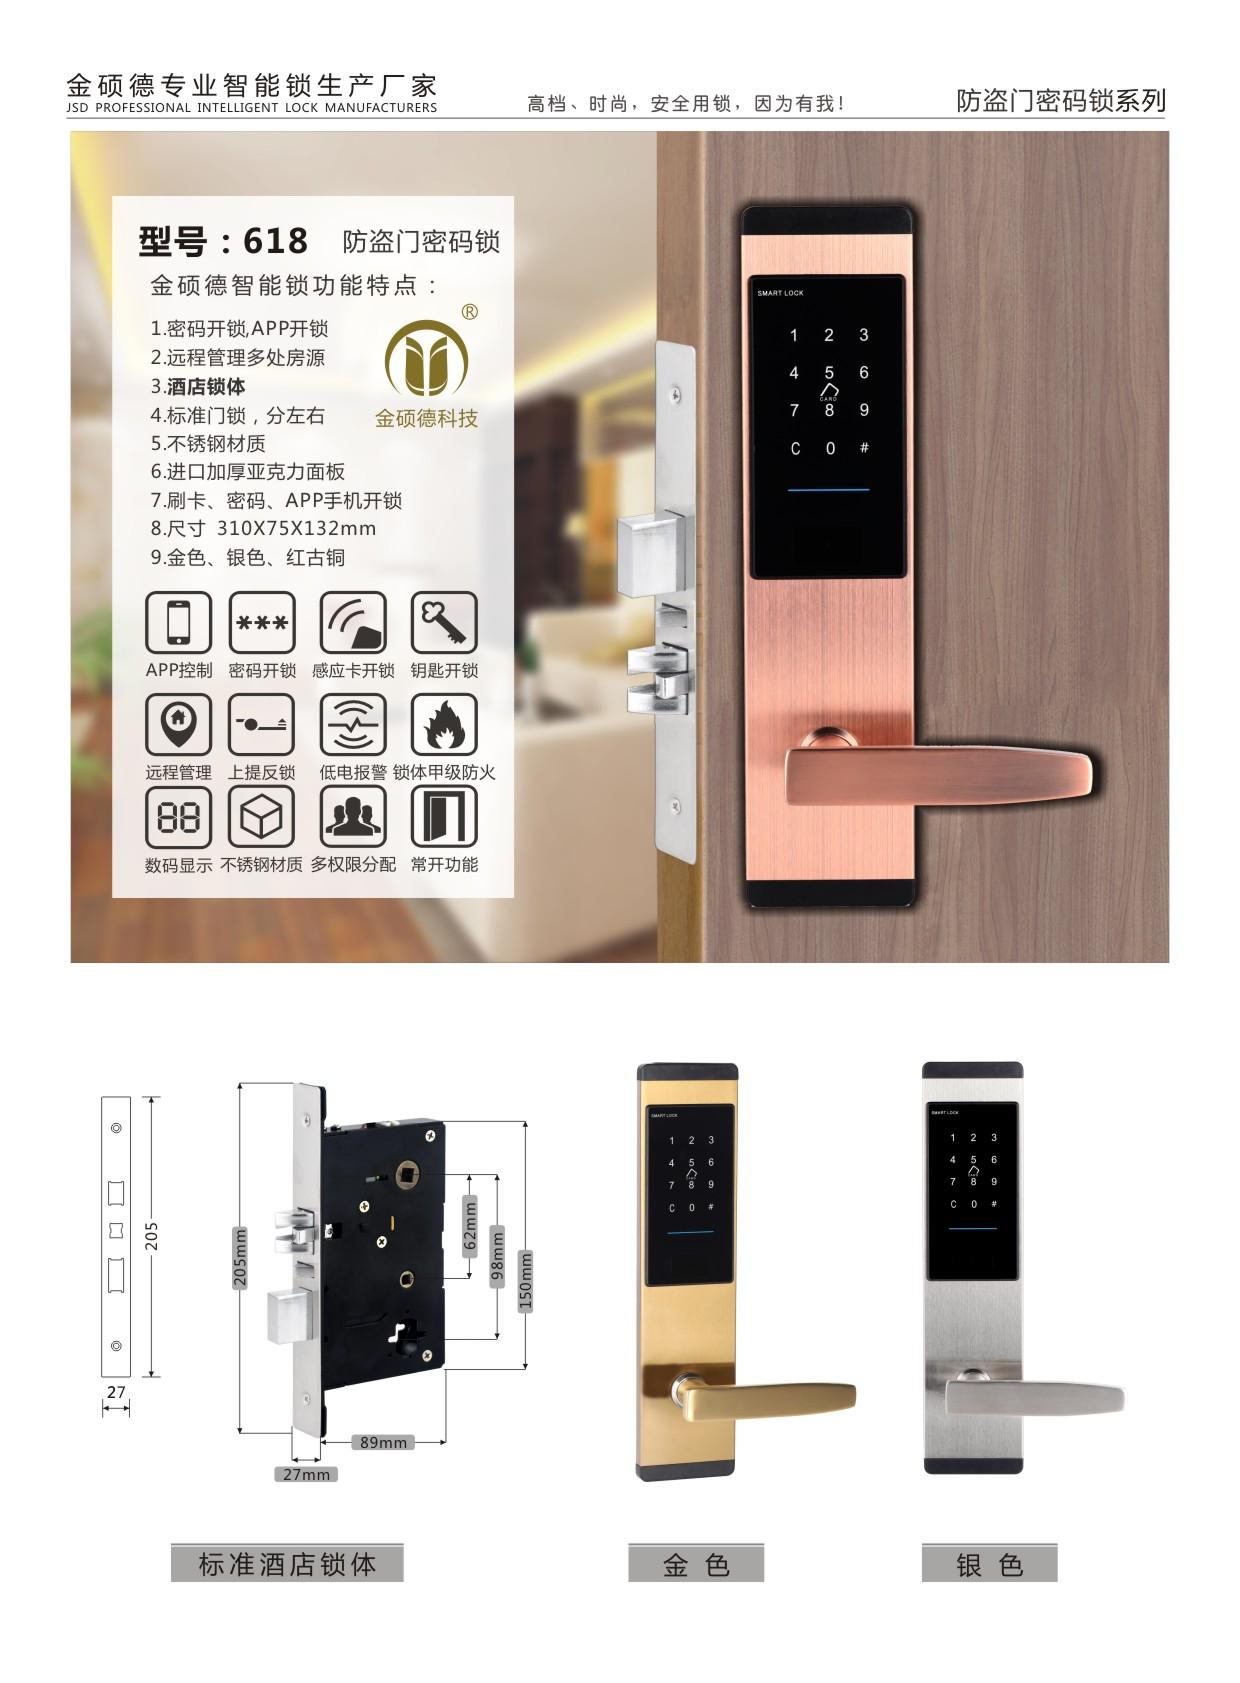 选择家居公寓智能门锁,我该如何选择选购?